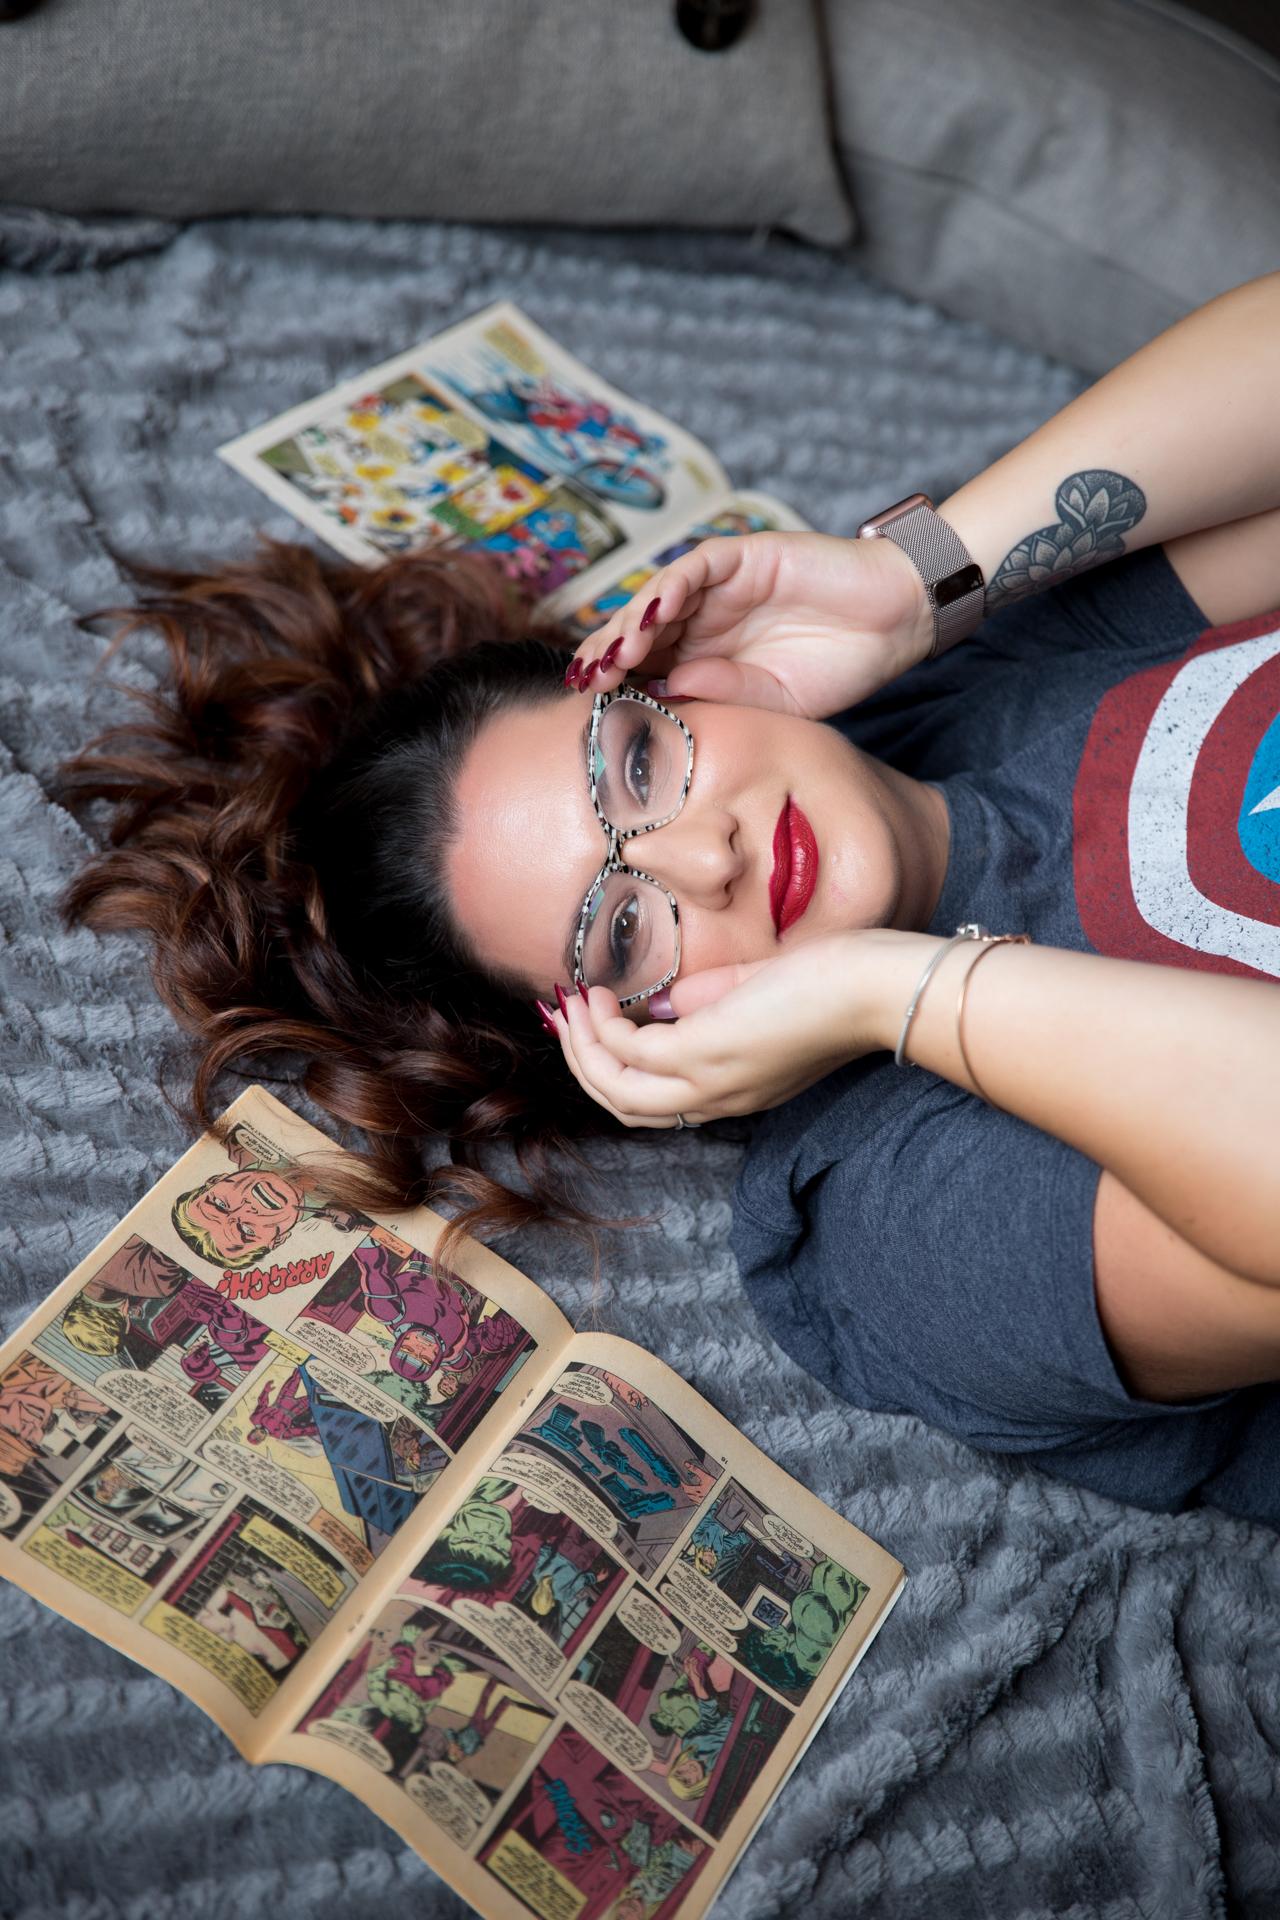 boudoir-comic-nerd-superhero